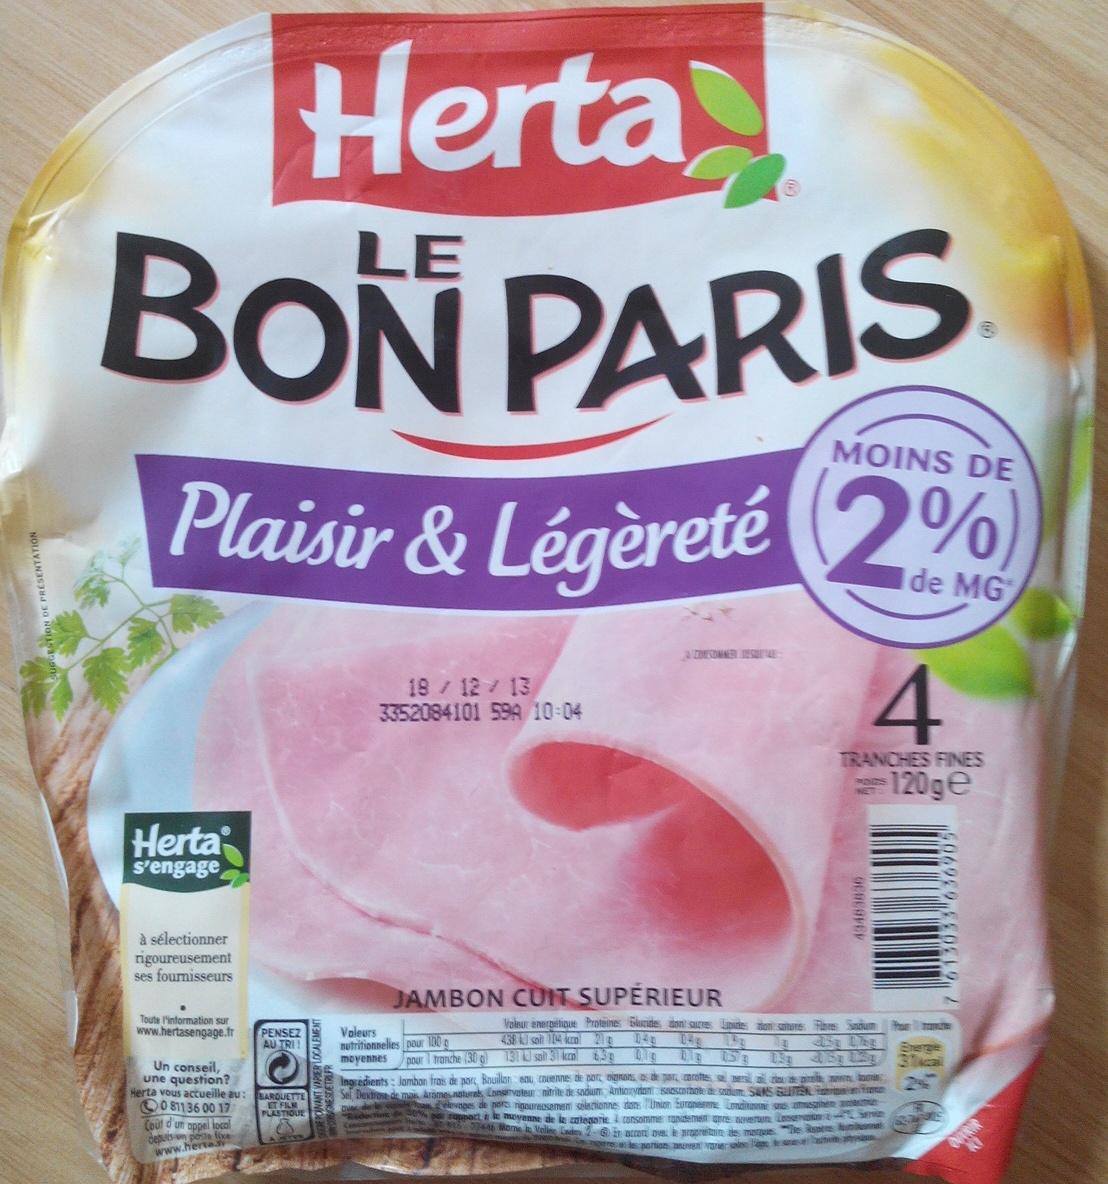 Le Bon Paris, Plaisir & Légèreté (4 Tranches Fines) - Product